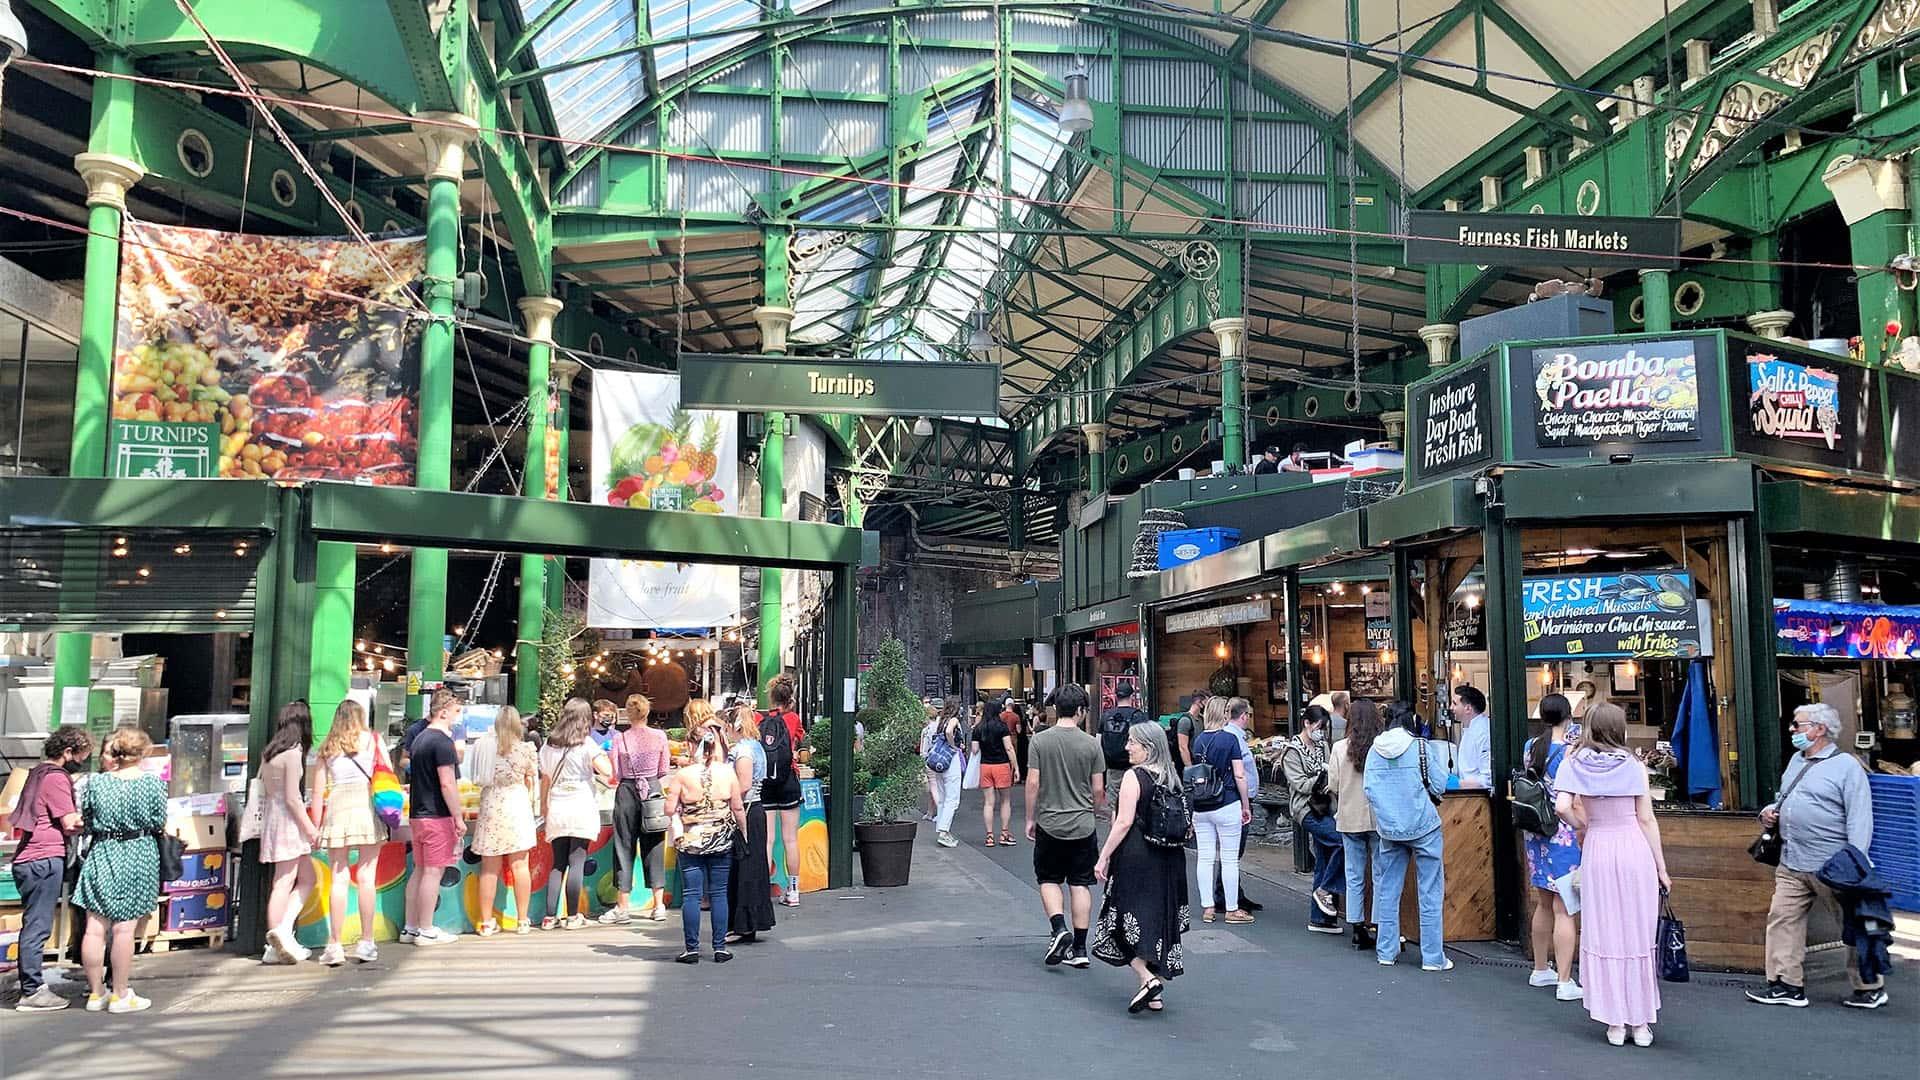 London Market – London Virtual Tour